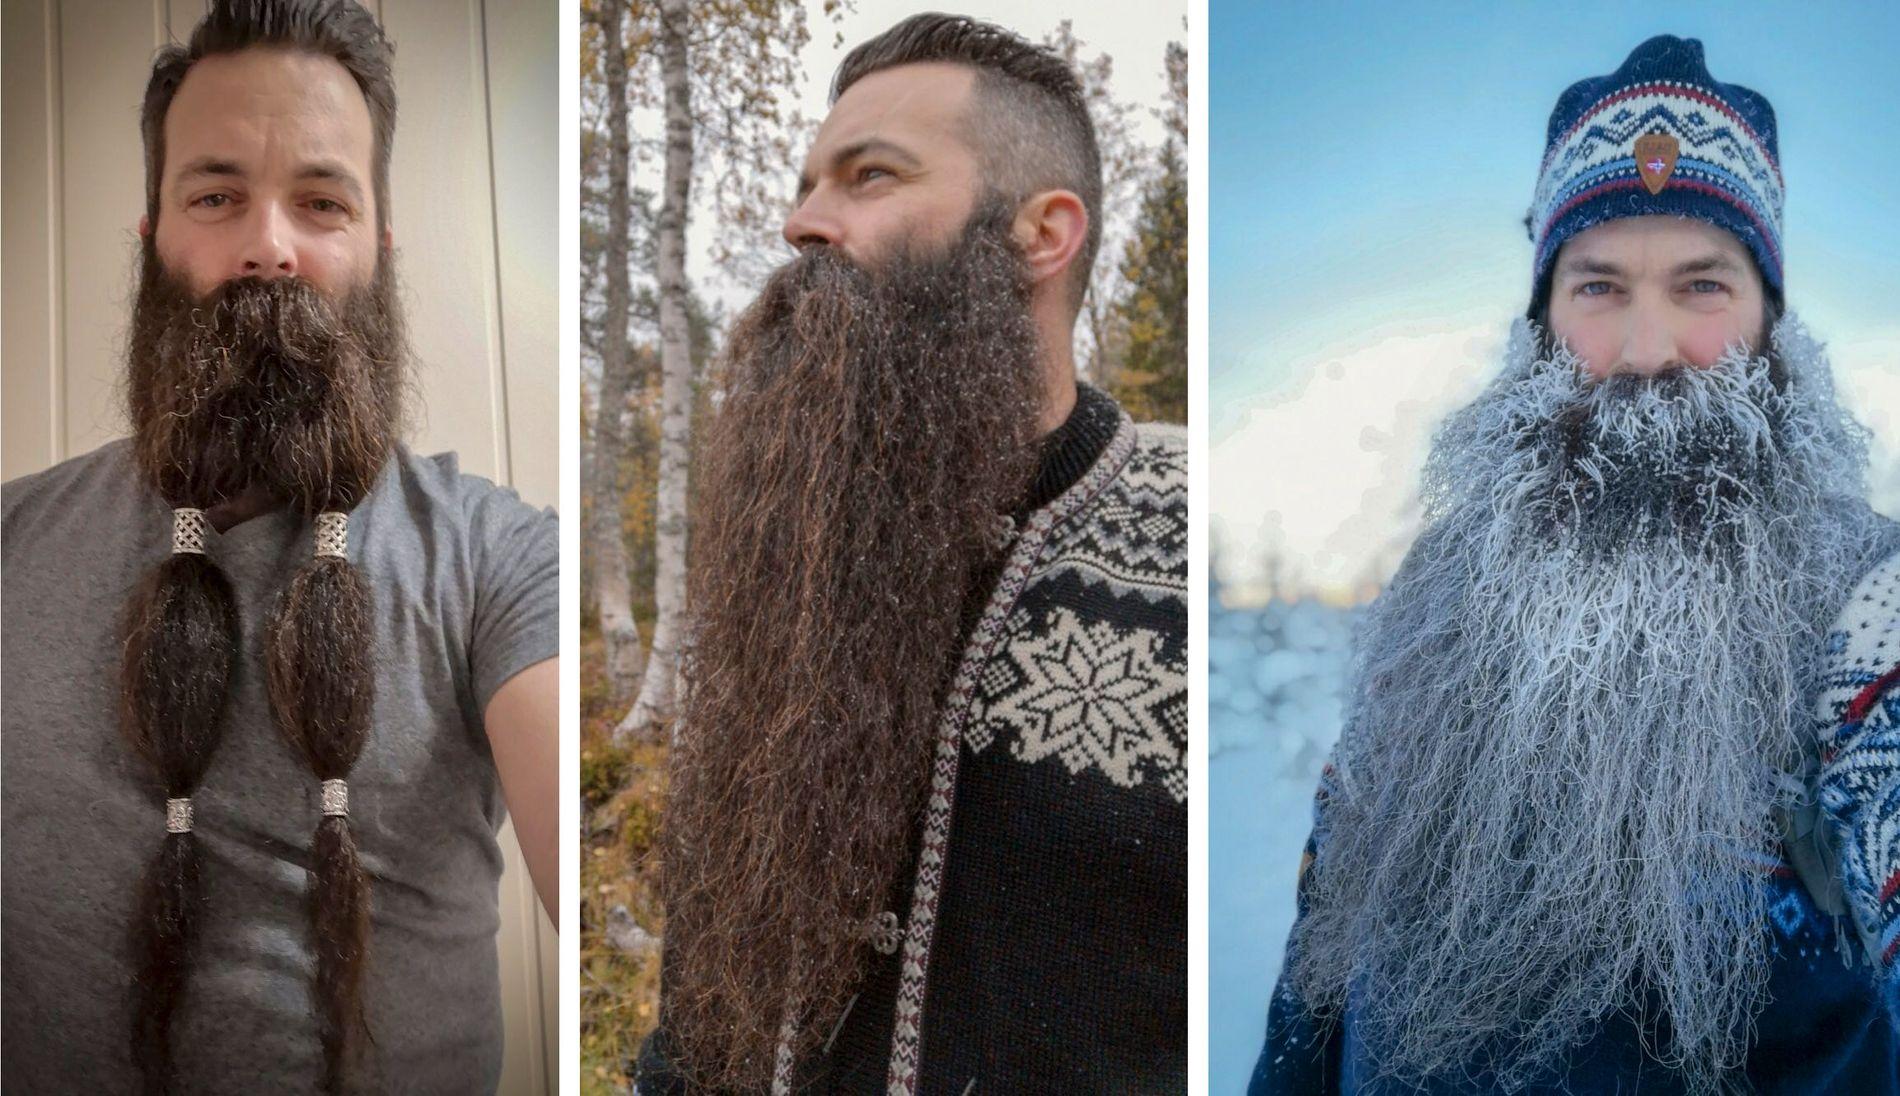 VINNERSKJEGG: Fugelsnes har blant annet vunnet titlene «Norges beste skjegg 2016» og «Norges beste store skjegg 2017».